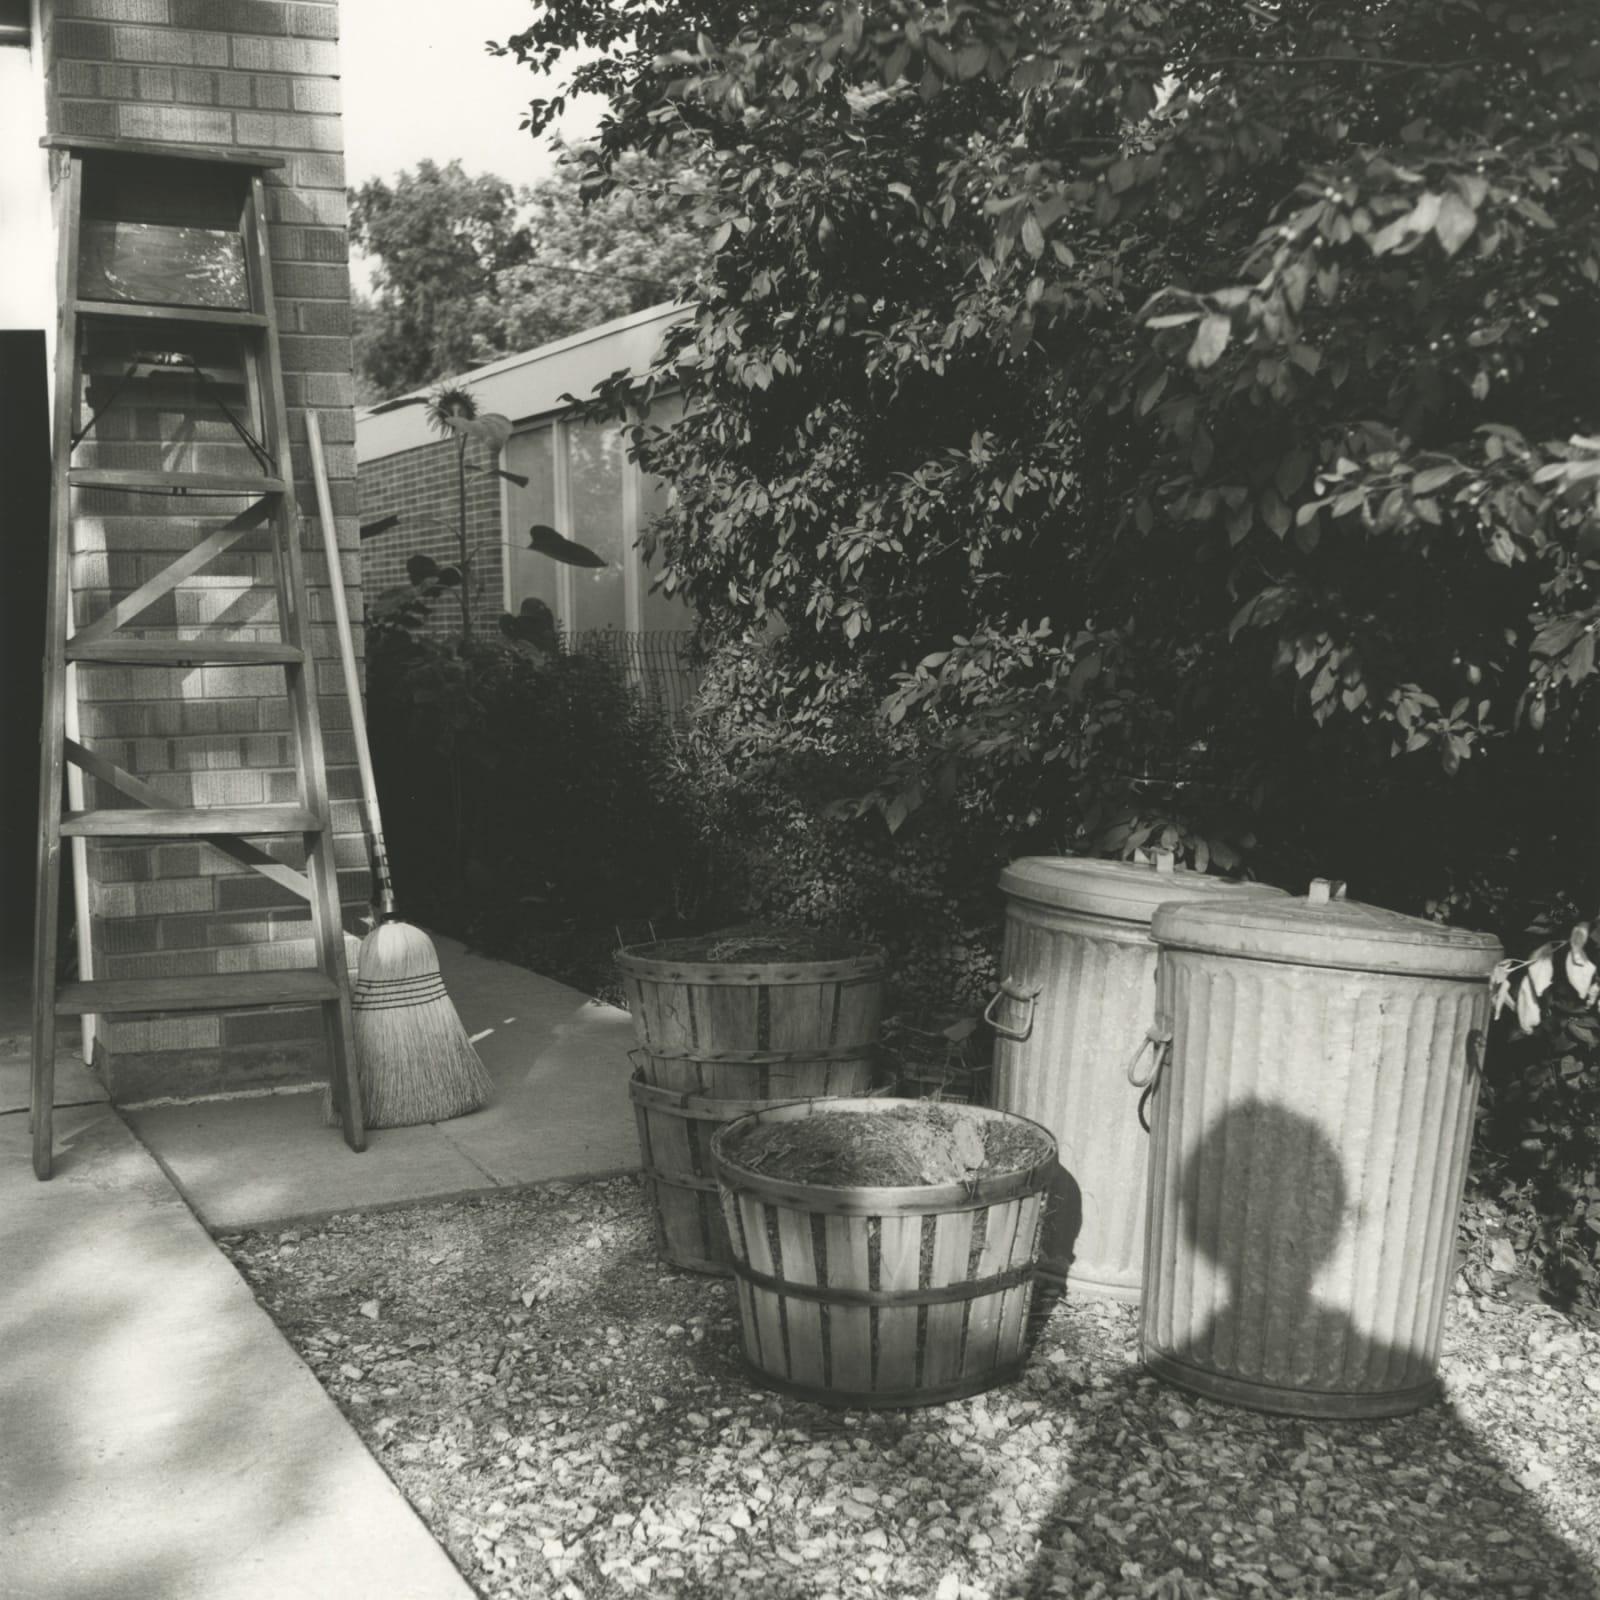 Vivian Maier, Self-portrait, Chicago area, 1966